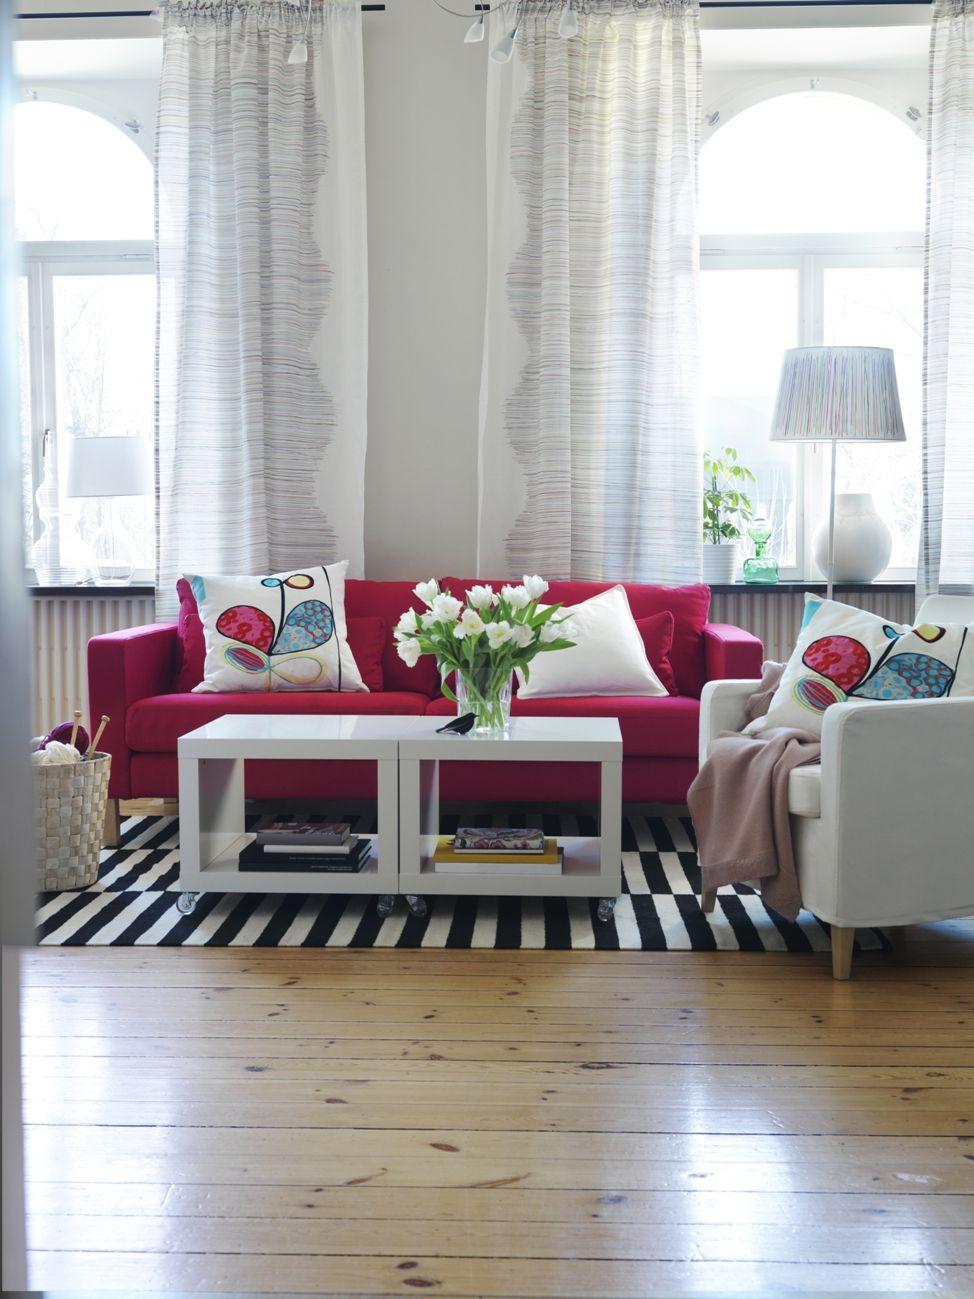 Η σελίδα 154 του νέου καταλόγου ΙΚΕΑ 2013! | Red sofa ...